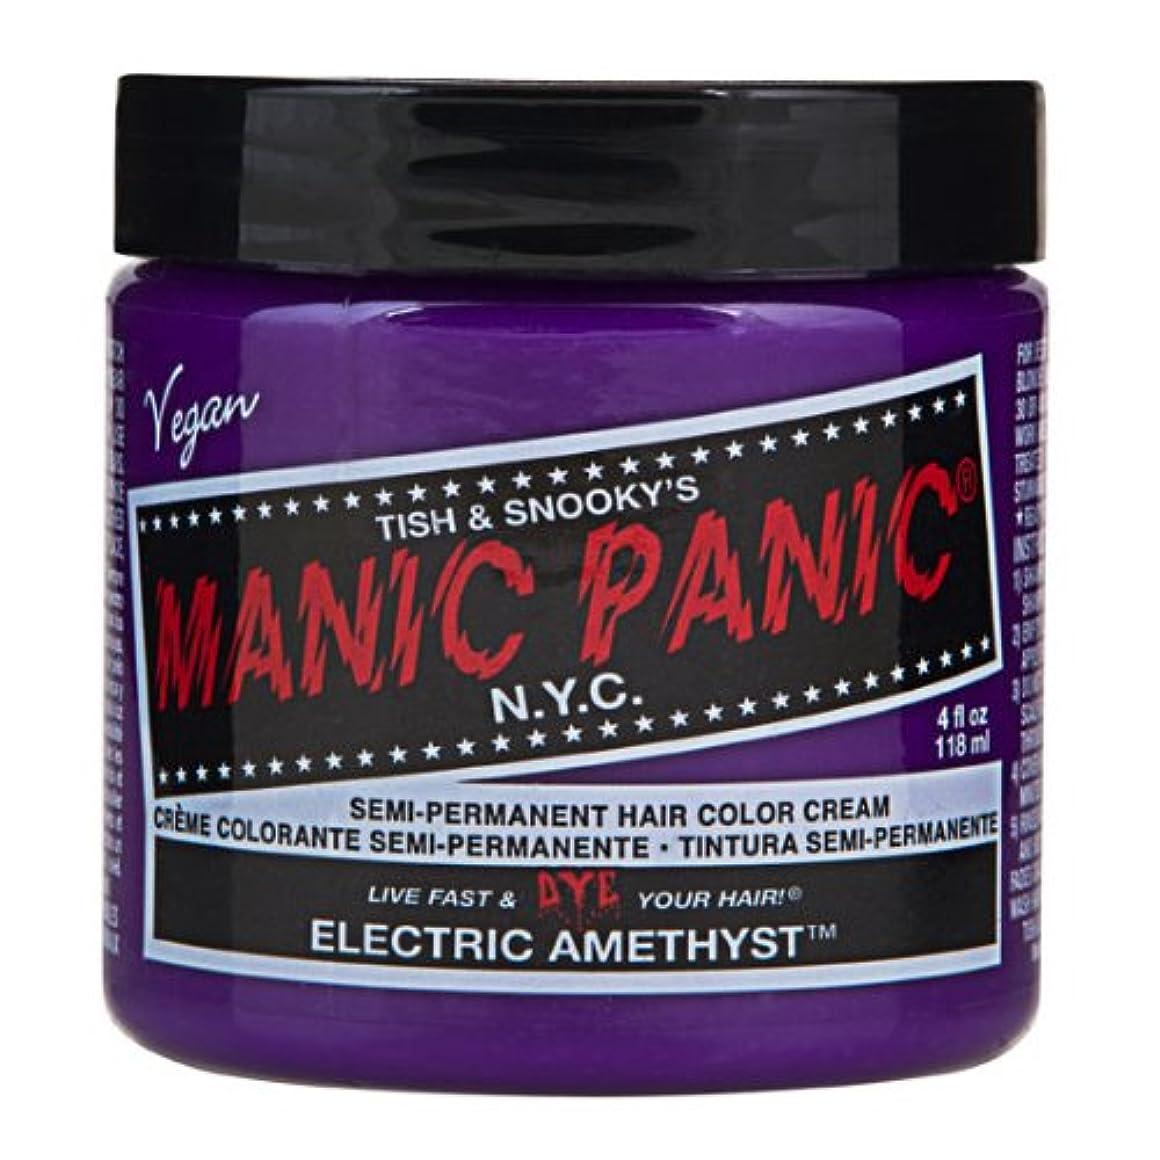 後冷蔵庫確認マニックパニック MANIC PANIC ヘアカラー 118mlエレクトリックアメジスト ヘアーカラー